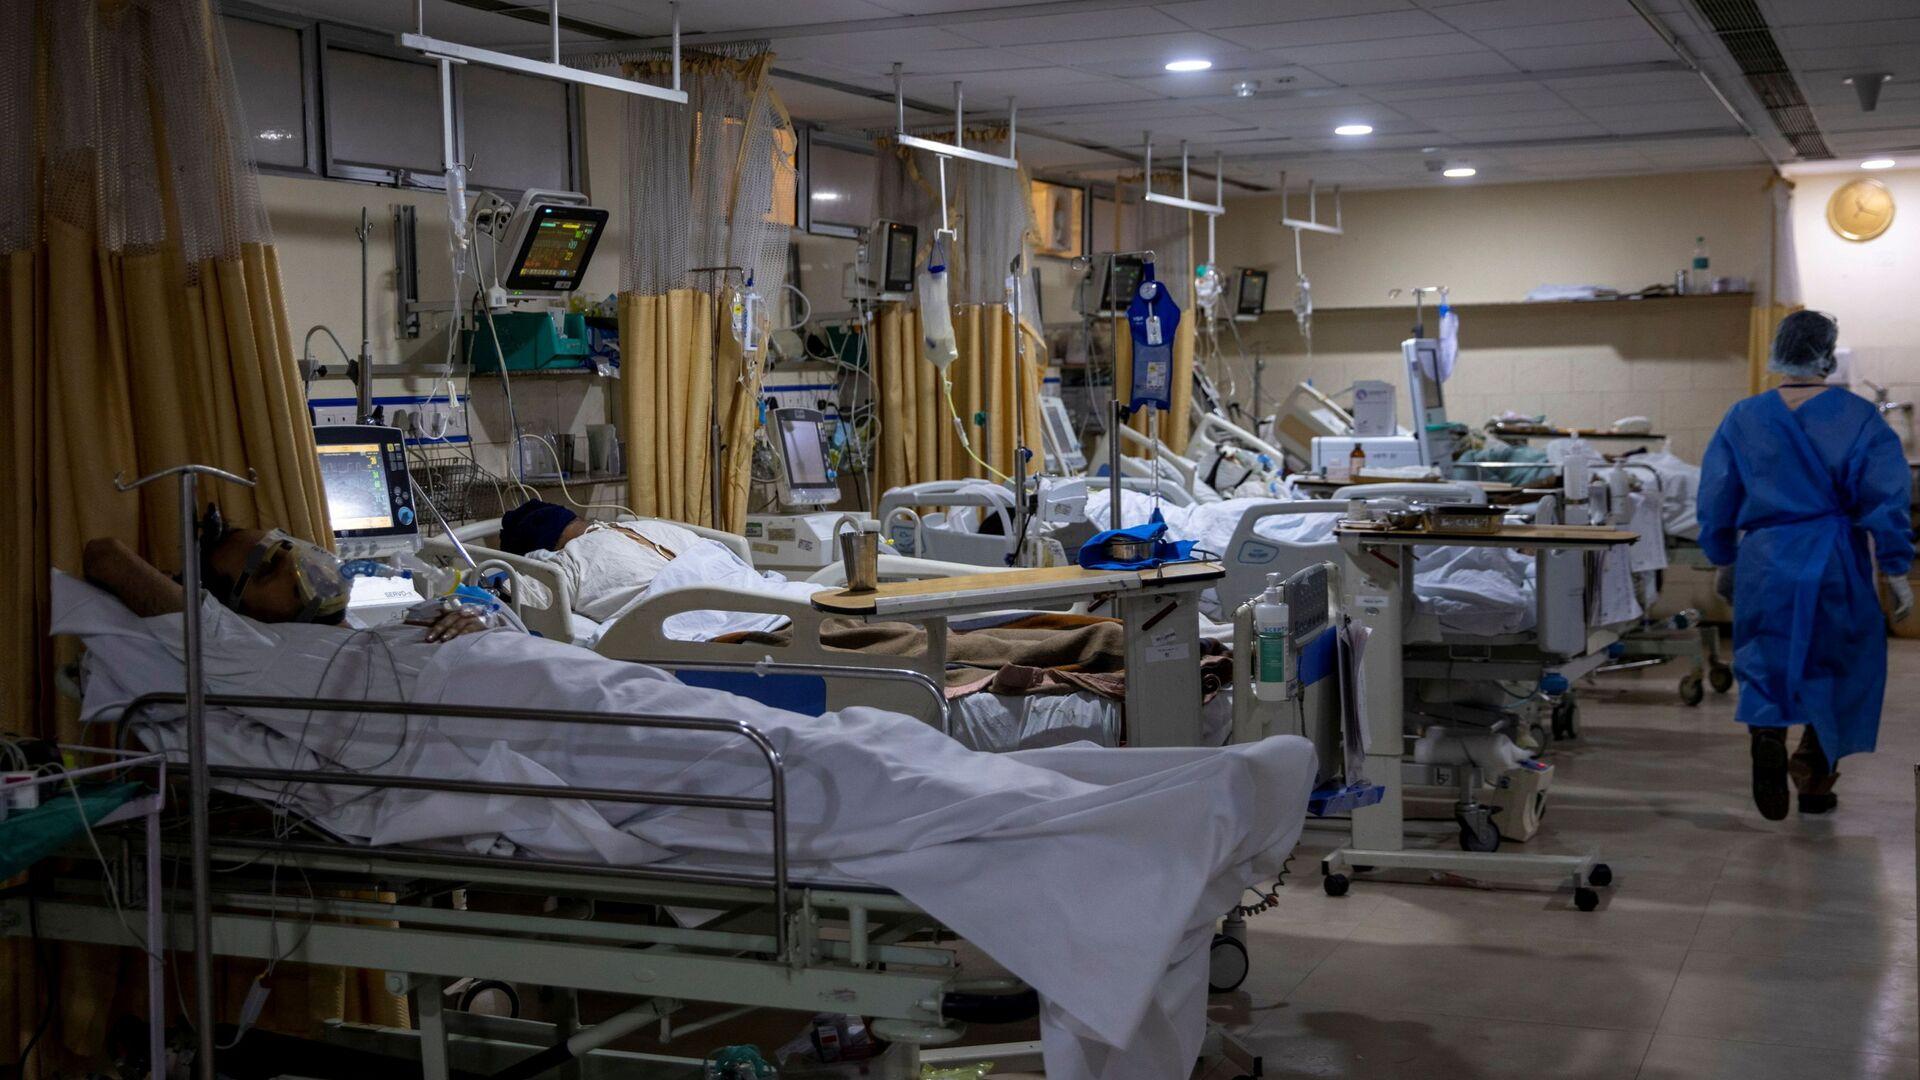 Malati di COVID-19 ricoverati nelle terapie intensive dell'ospedale Sacra Famiglia di Nuova Delhi in India - Sputnik Italia, 1920, 16.09.2021